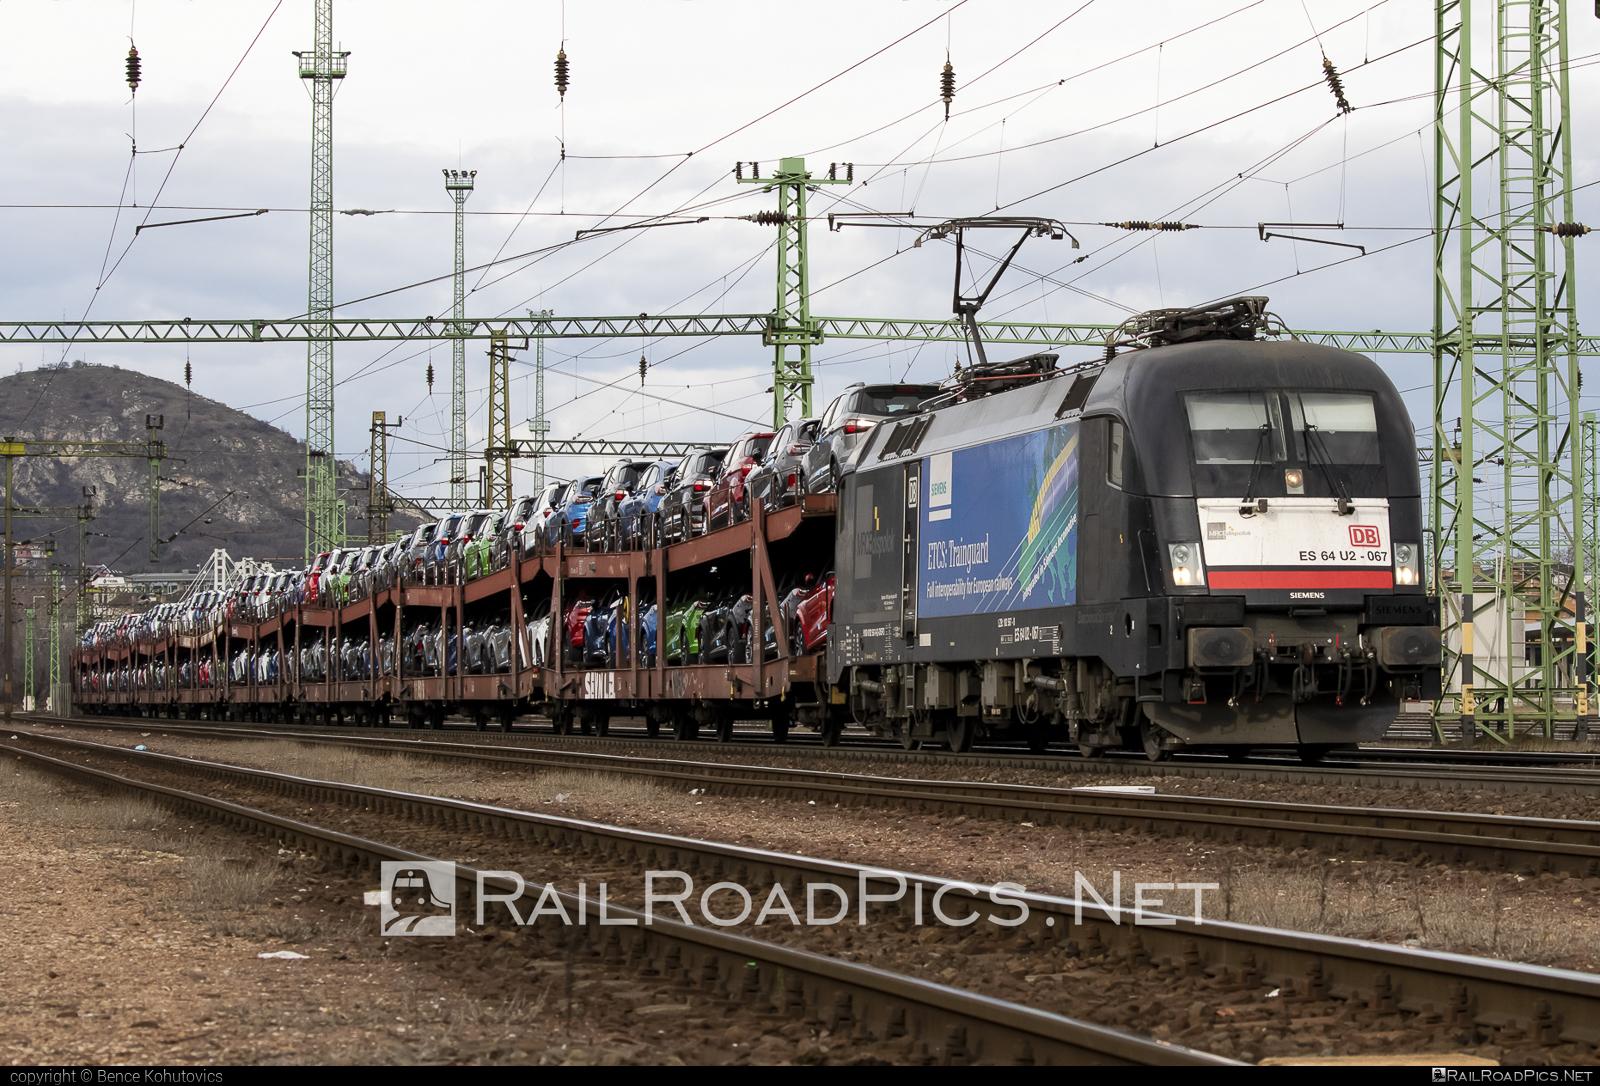 Siemens ES 64 U2 - 182 567-8 operated by DB Cargo Hungária Kft #carcarrierwagon #db #dbcargo #dbcargohungaria #dispolok #es64 #es64u #es64u2 #eurosprinter #mitsuirailcapitaleurope #mitsuirailcapitaleuropegmbh #mrce #siemens #siemenses64 #siemenses64u #siemenses64u2 #siemenstaurus #taurus #tauruslocomotive